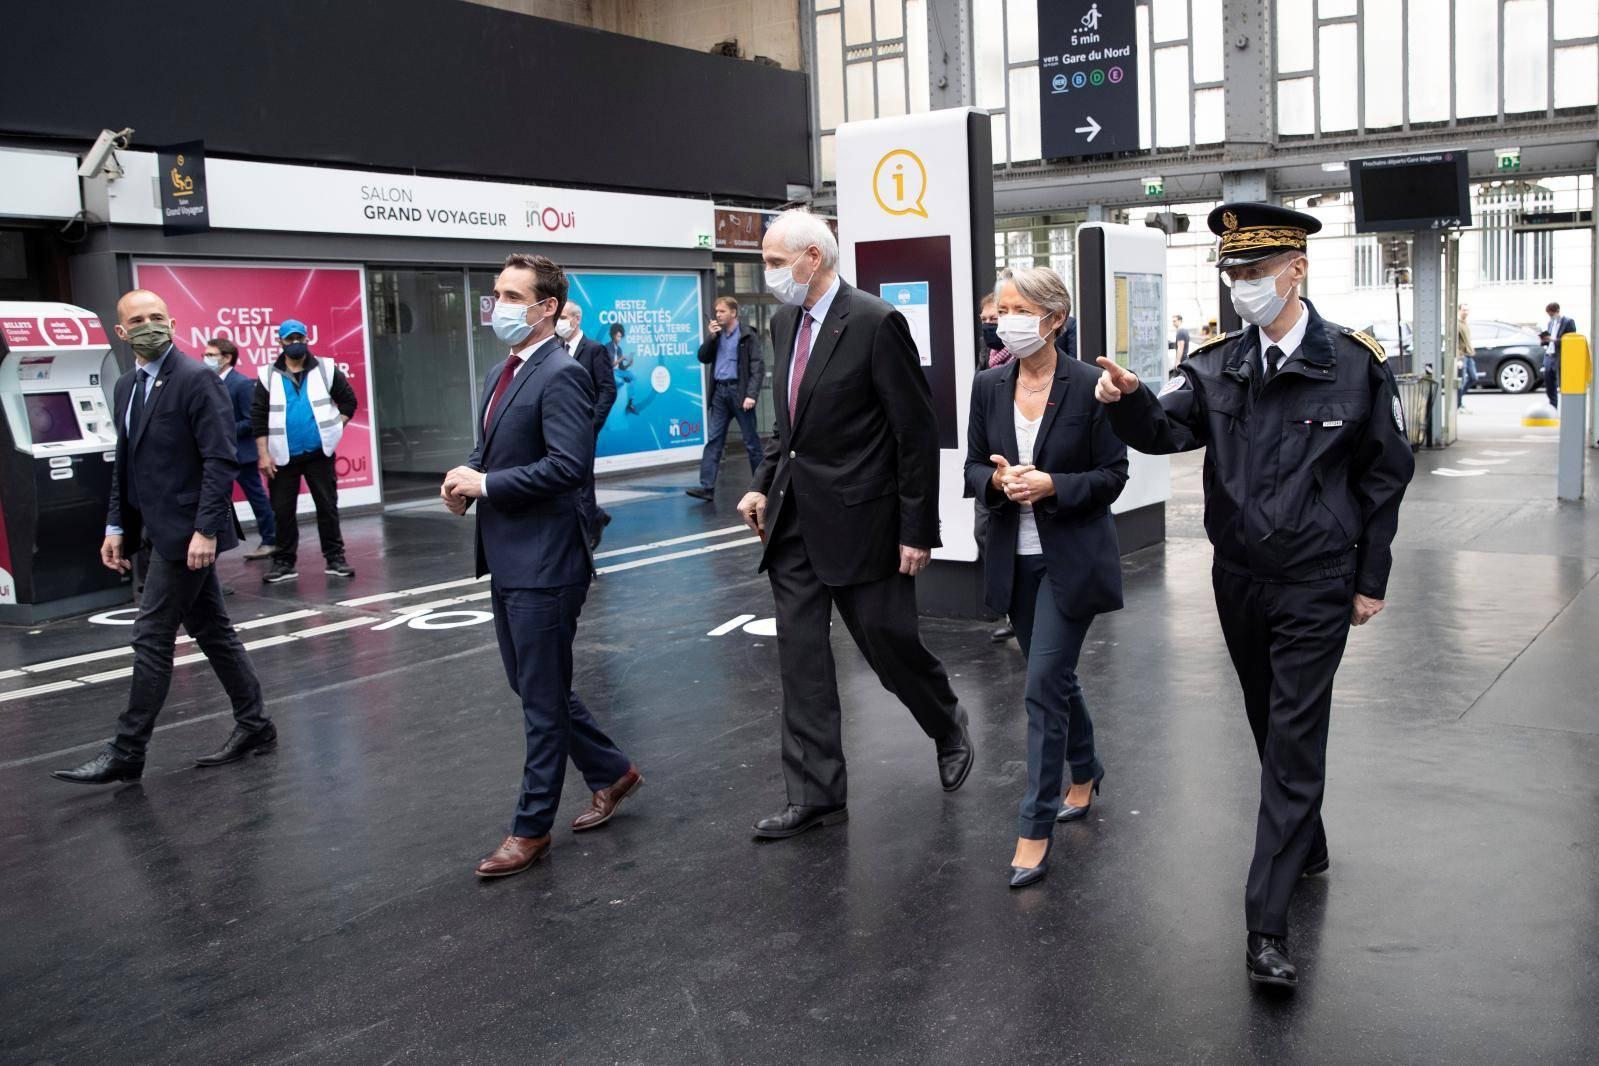 French Transport Ministers visit the Gare de l'Est train station in Paris